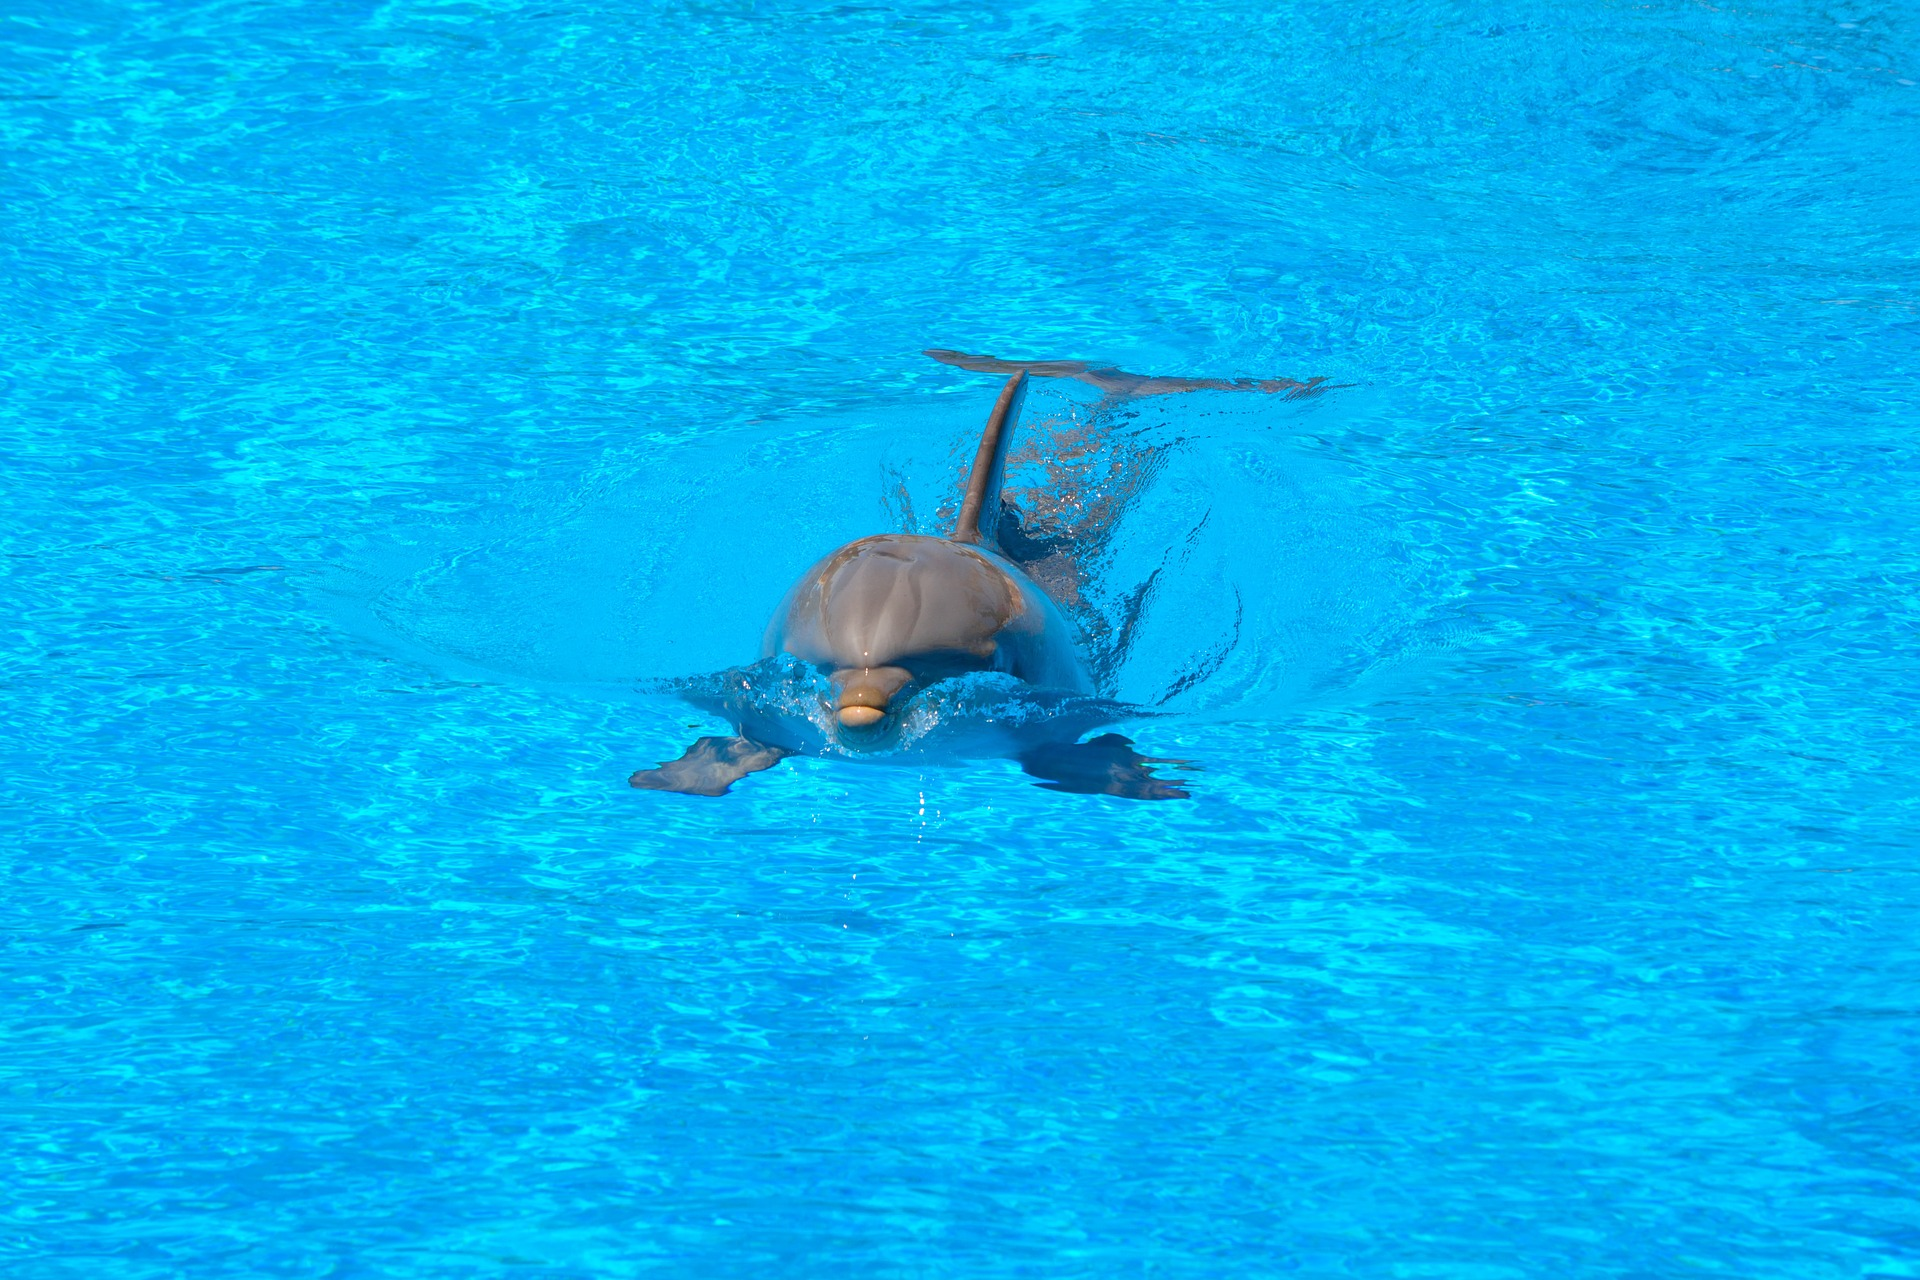 डॉल्फिन, पूल, पानी, तैरना, ब्लू - HD वॉलपेपर - प्रोफेसर-falken.com